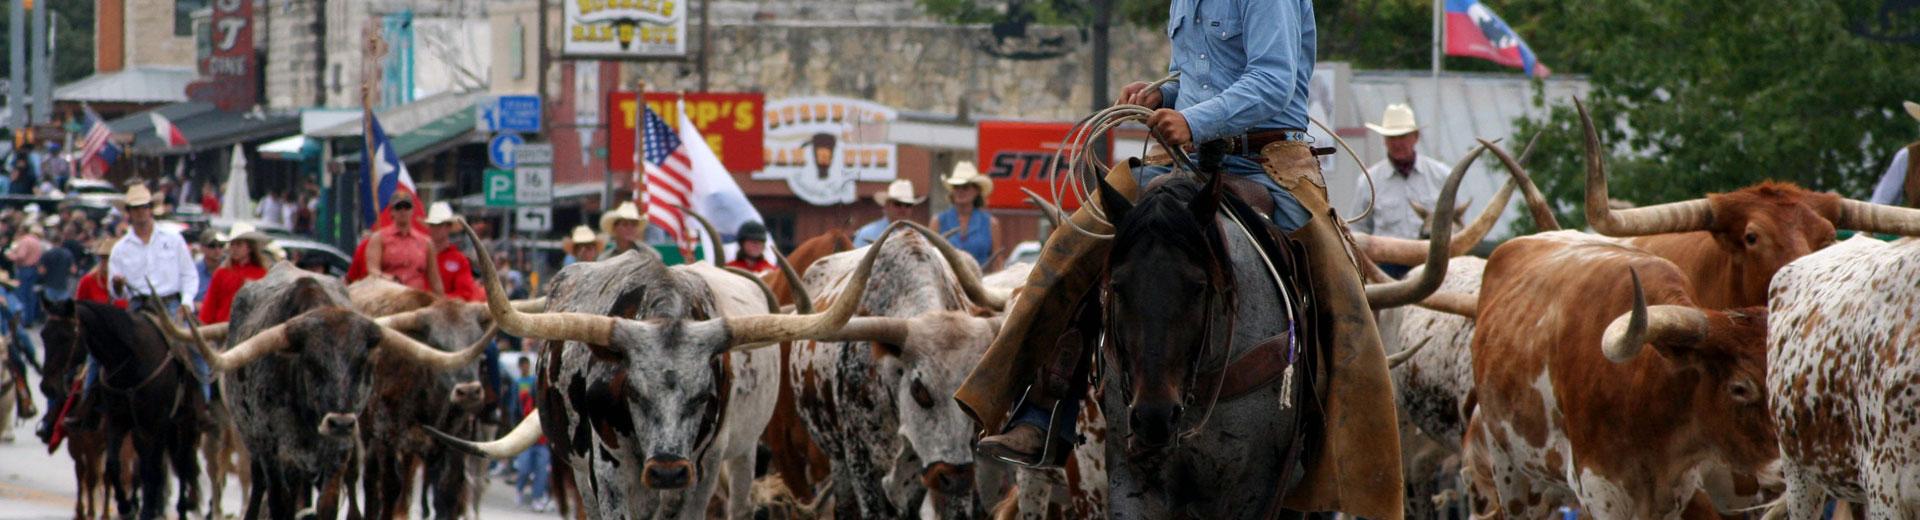 Texas Longhorn i Bandera, Texas.